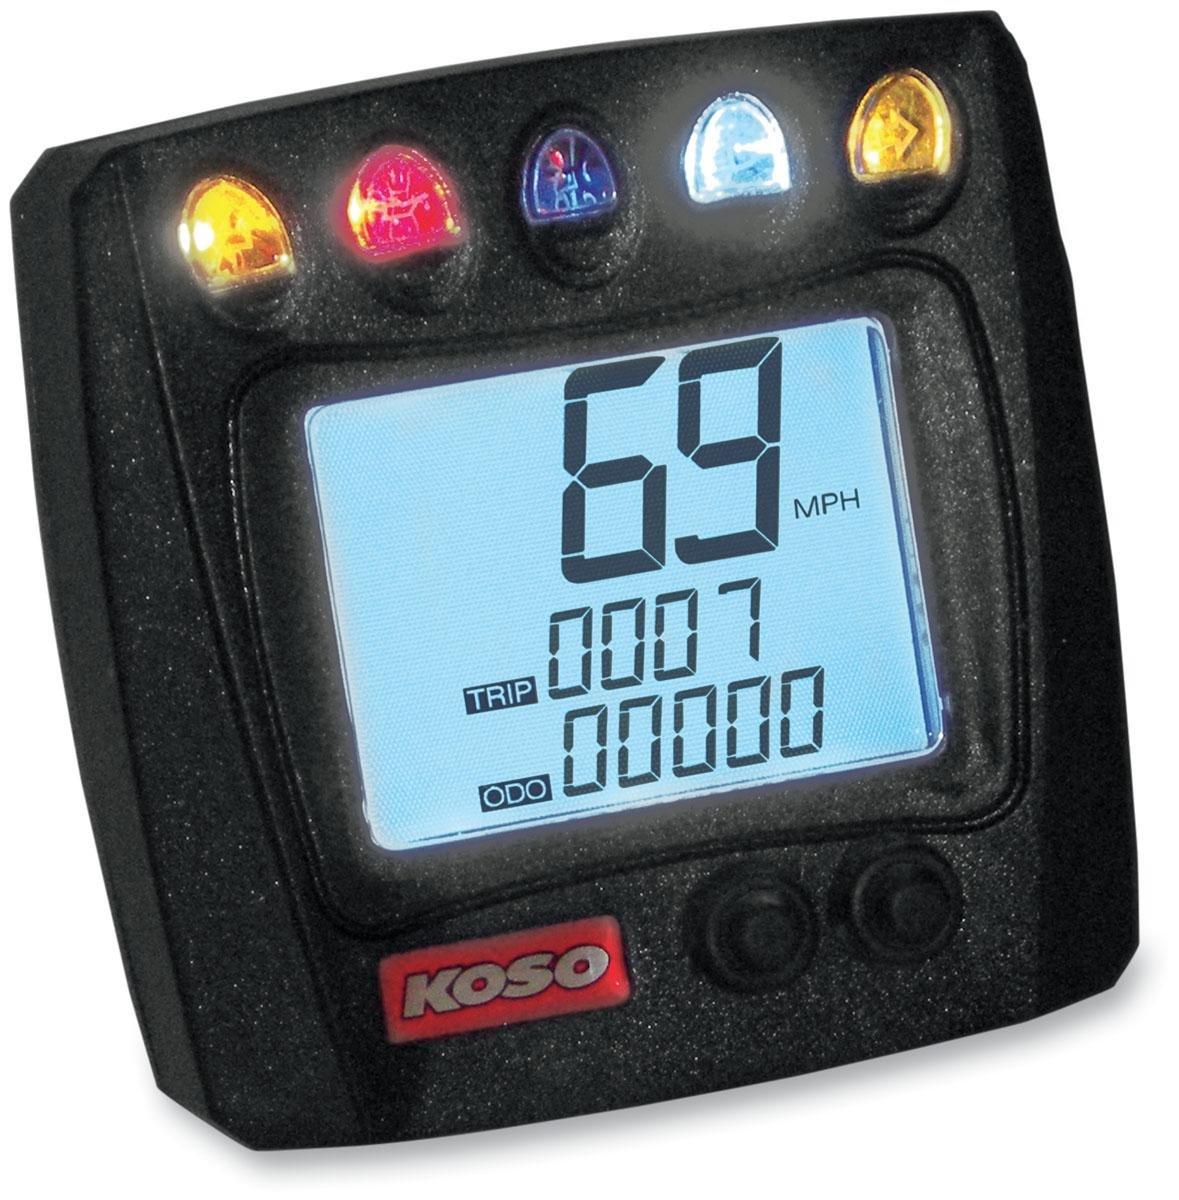 Koso Universal Speedometer with Indicator Lights BB007B52